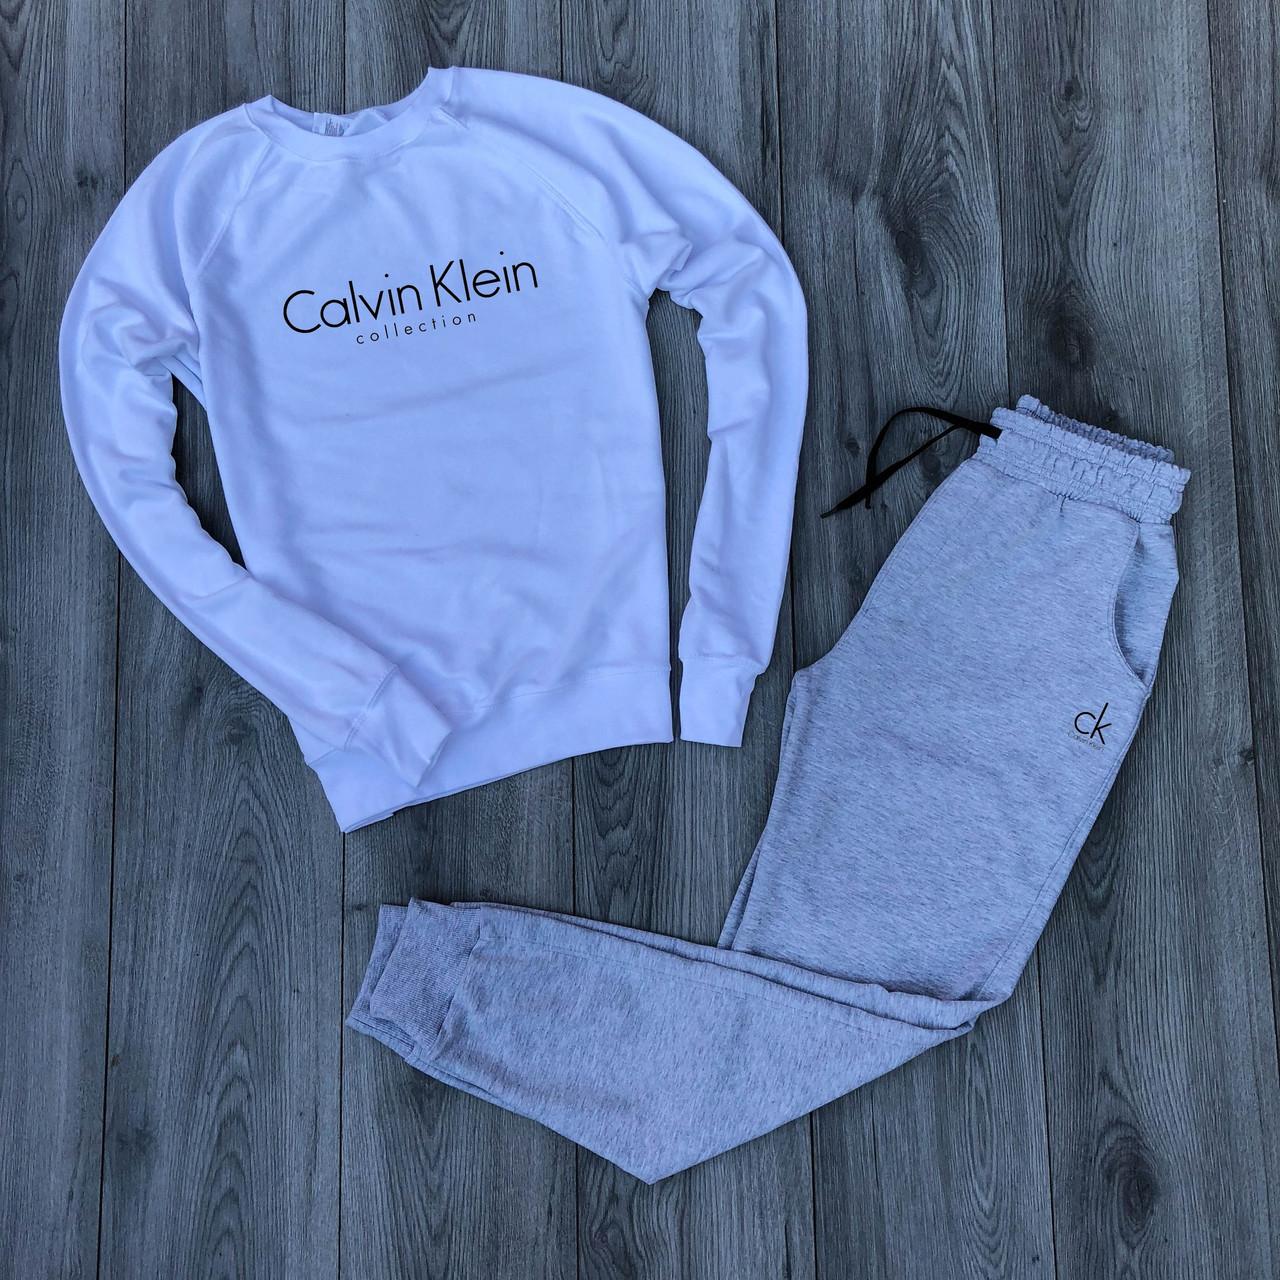 """Мужской спортивный костюм белый реглан с принтом """"Calvin Klein"""" и меланжевые штаны с принтом """"Calvin Klein"""""""